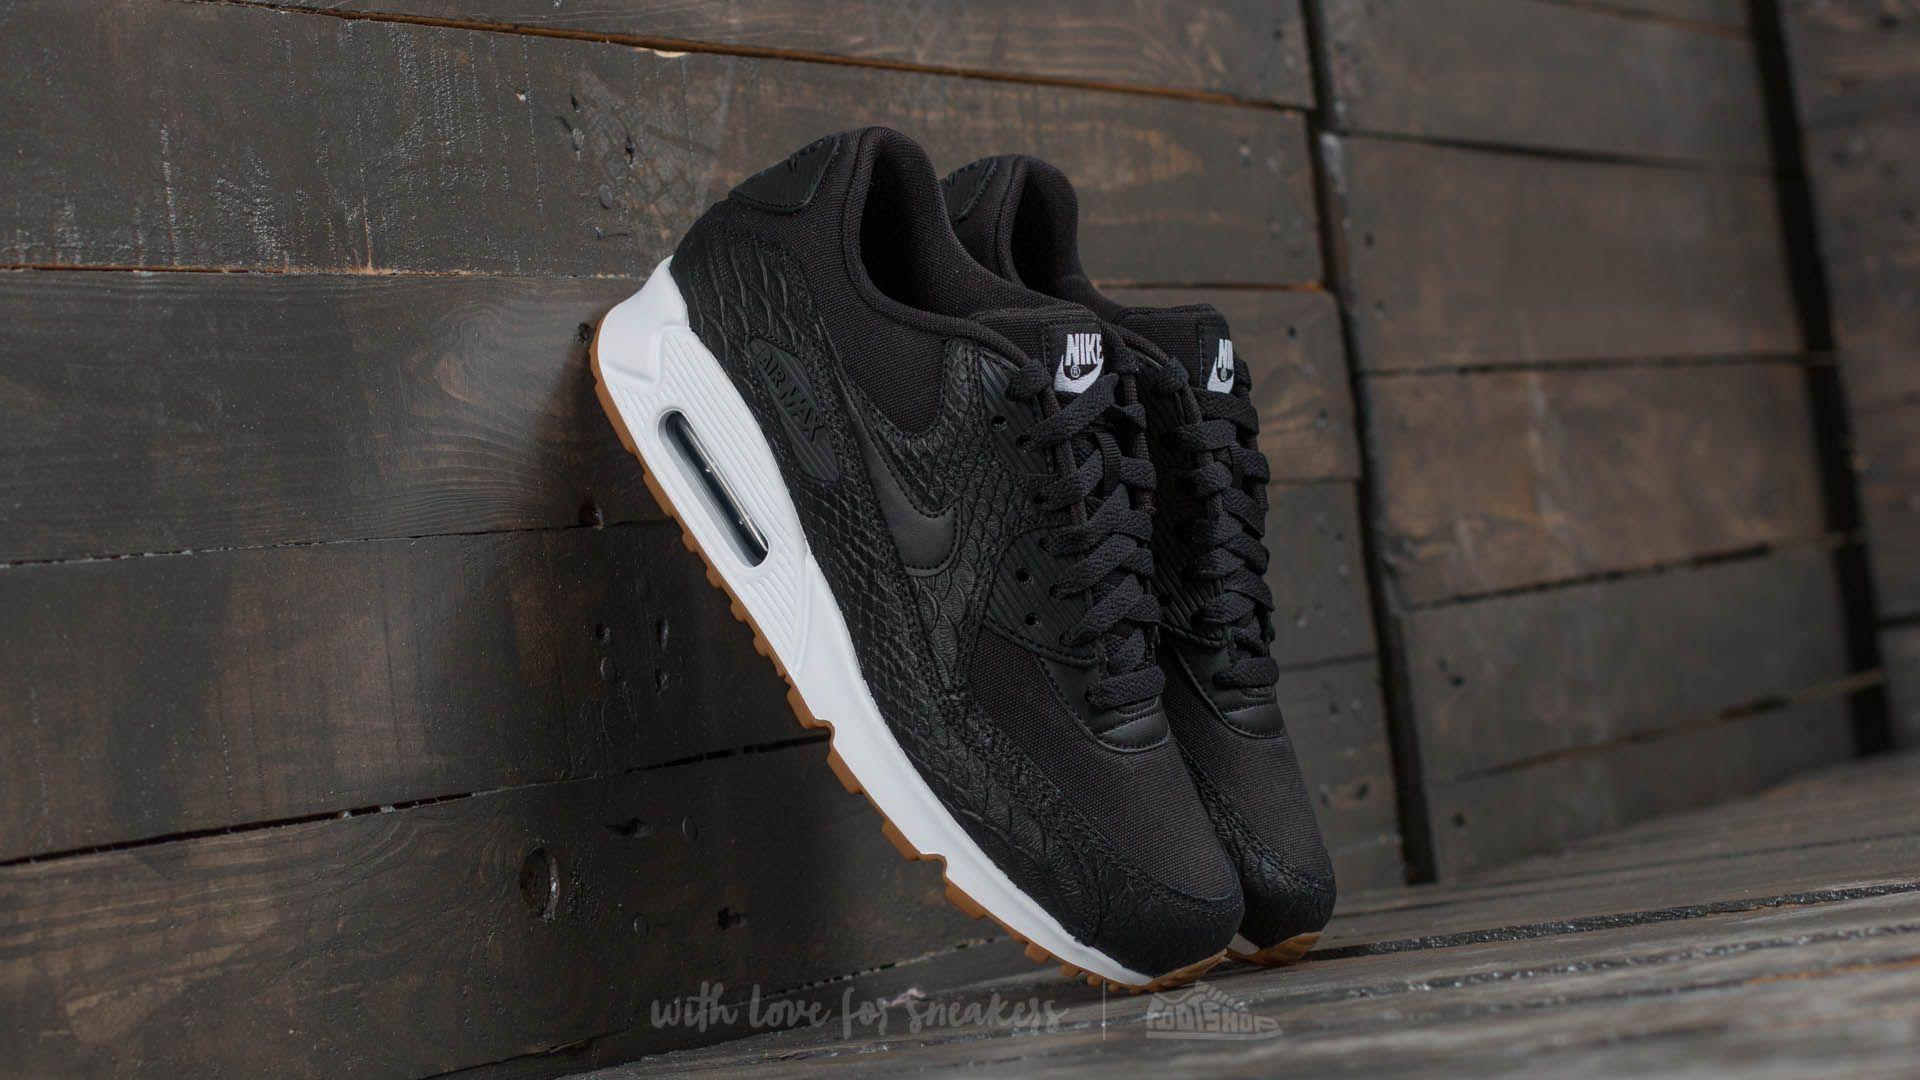 Nike Air Max 90 Premium Black Gum